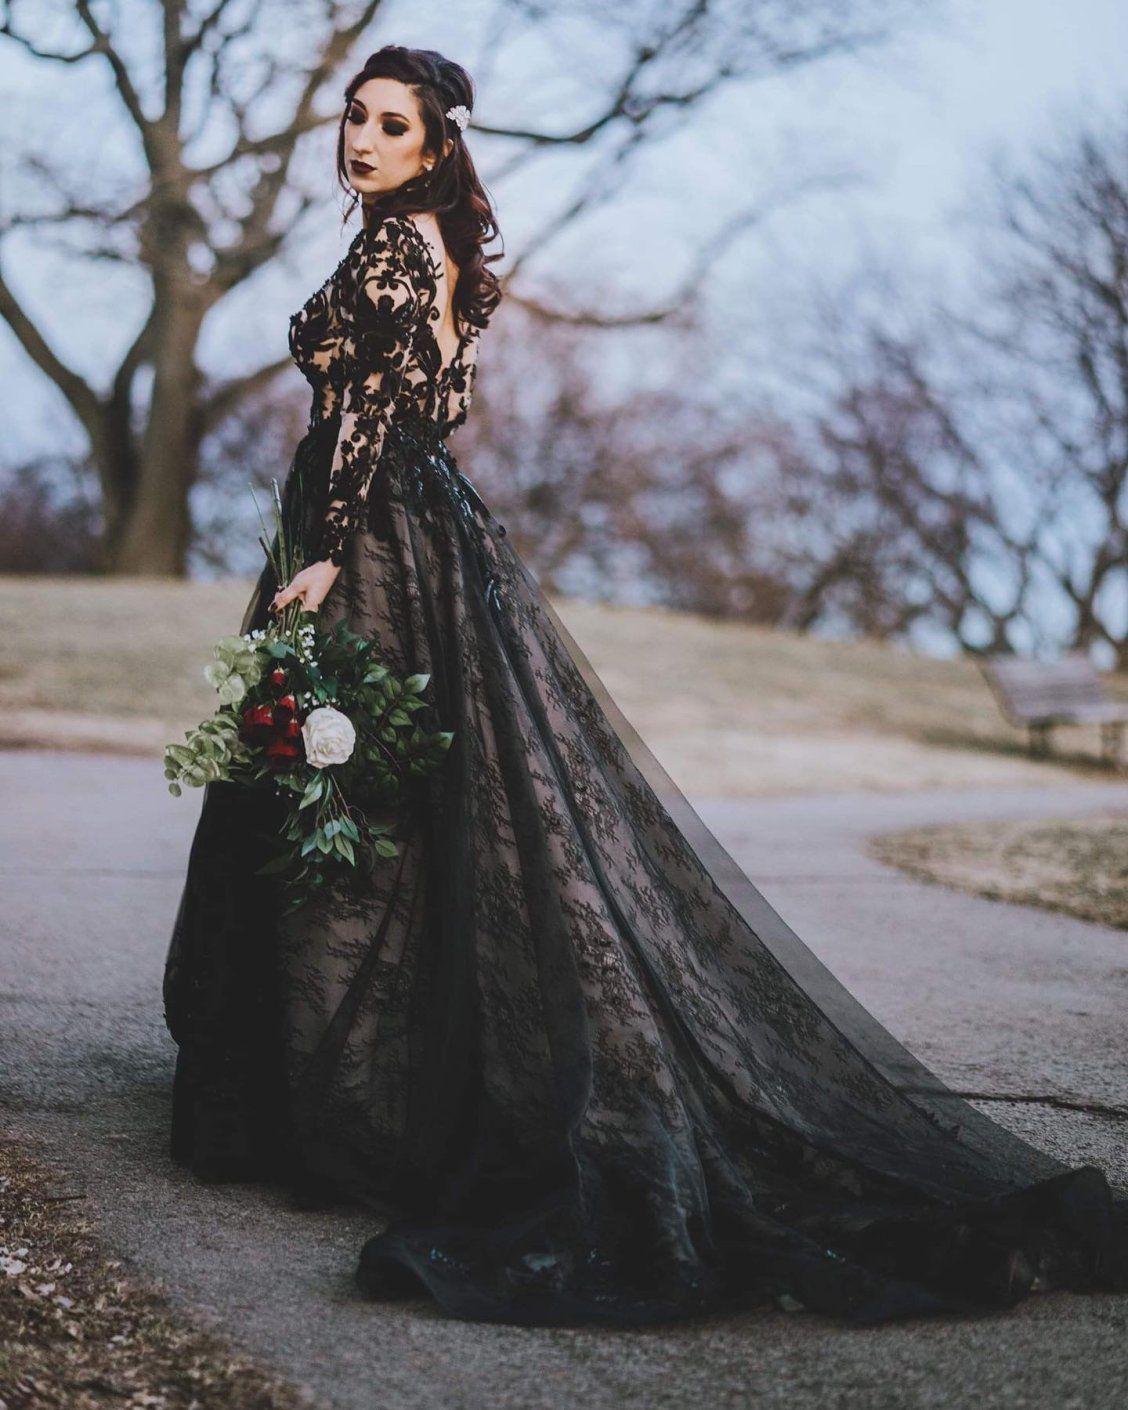 Zander By Sottero And Midgley Wedding Dresses And Accessories Goth Wedding Dresses Gothic Wedding Dress Black Wedding Dresses [ 1410 x 1128 Pixel ]